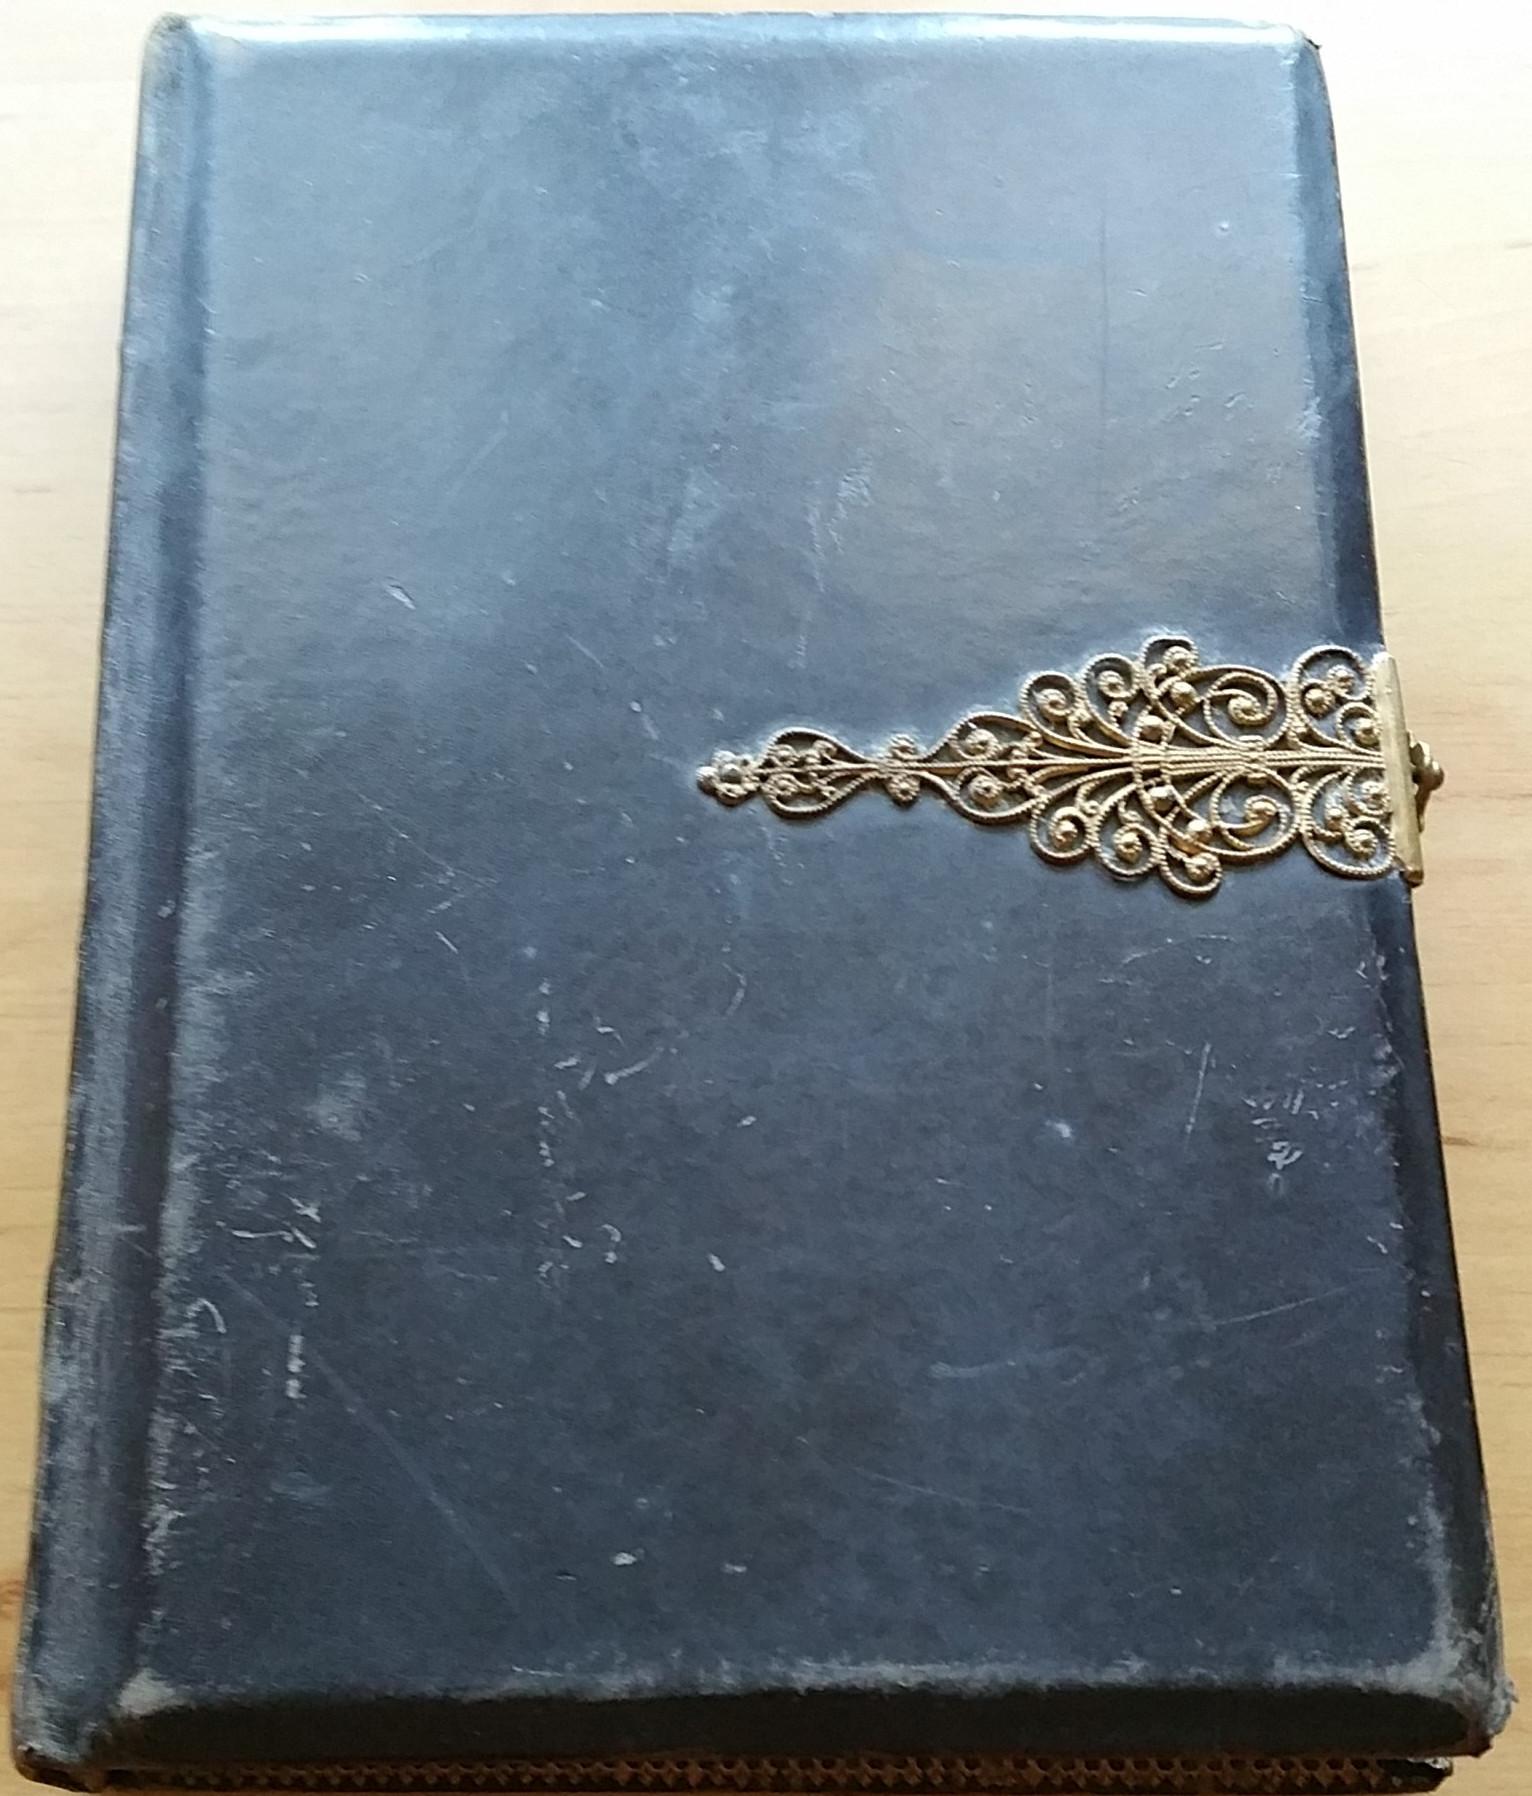 Gesangbuch für evang.-protestantische Kirche des Großherzogtums Baden 1893